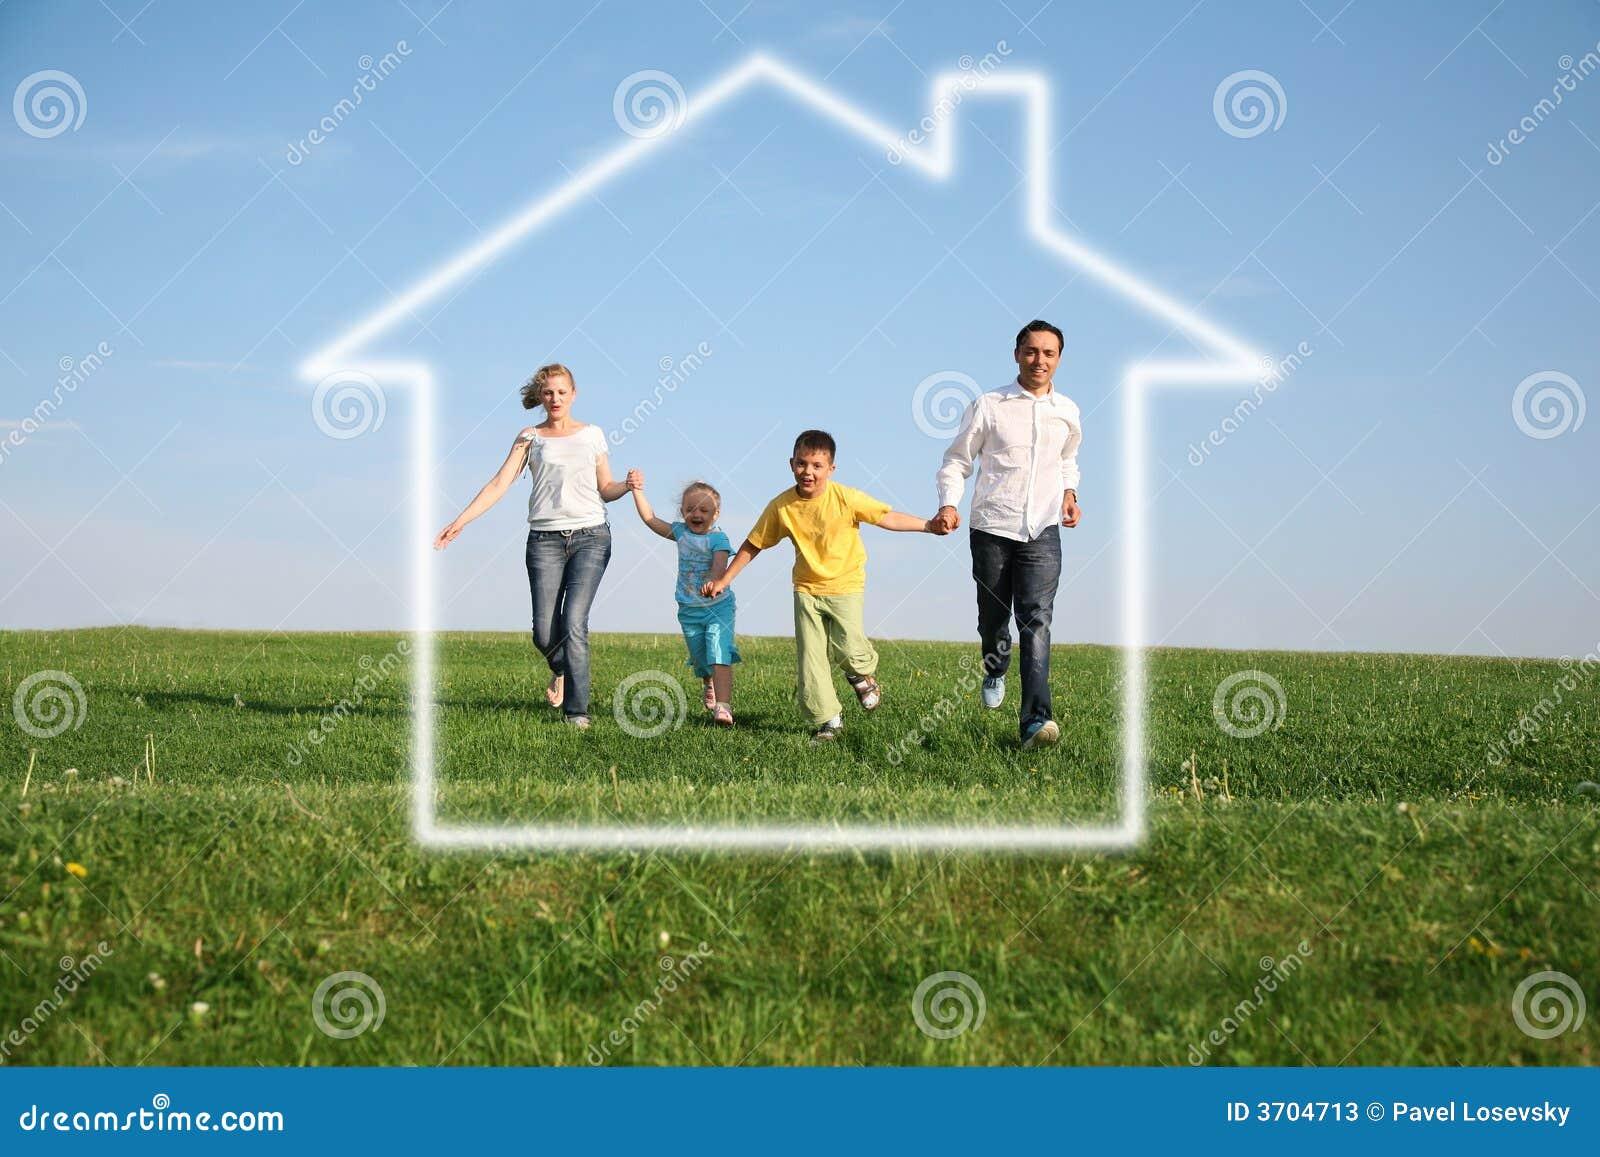 Agregado familiar com quatro membros na casa ideal